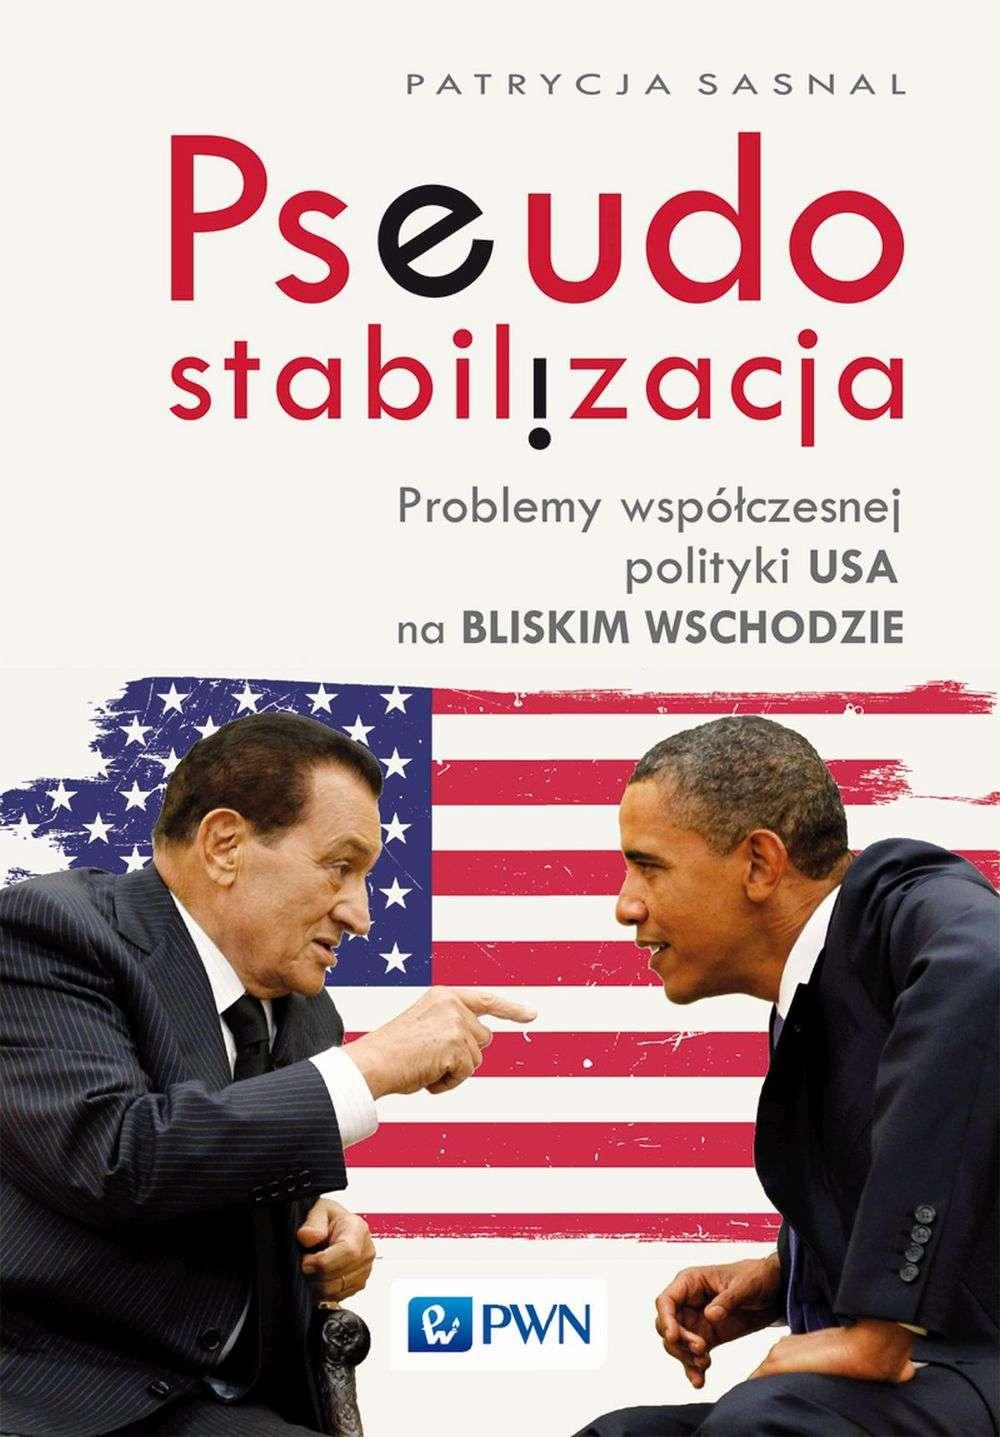 Pseudo_stabilizacja._Problemy_wspolczesnej_polityki_USA_na_Bliskim_Wschodzie